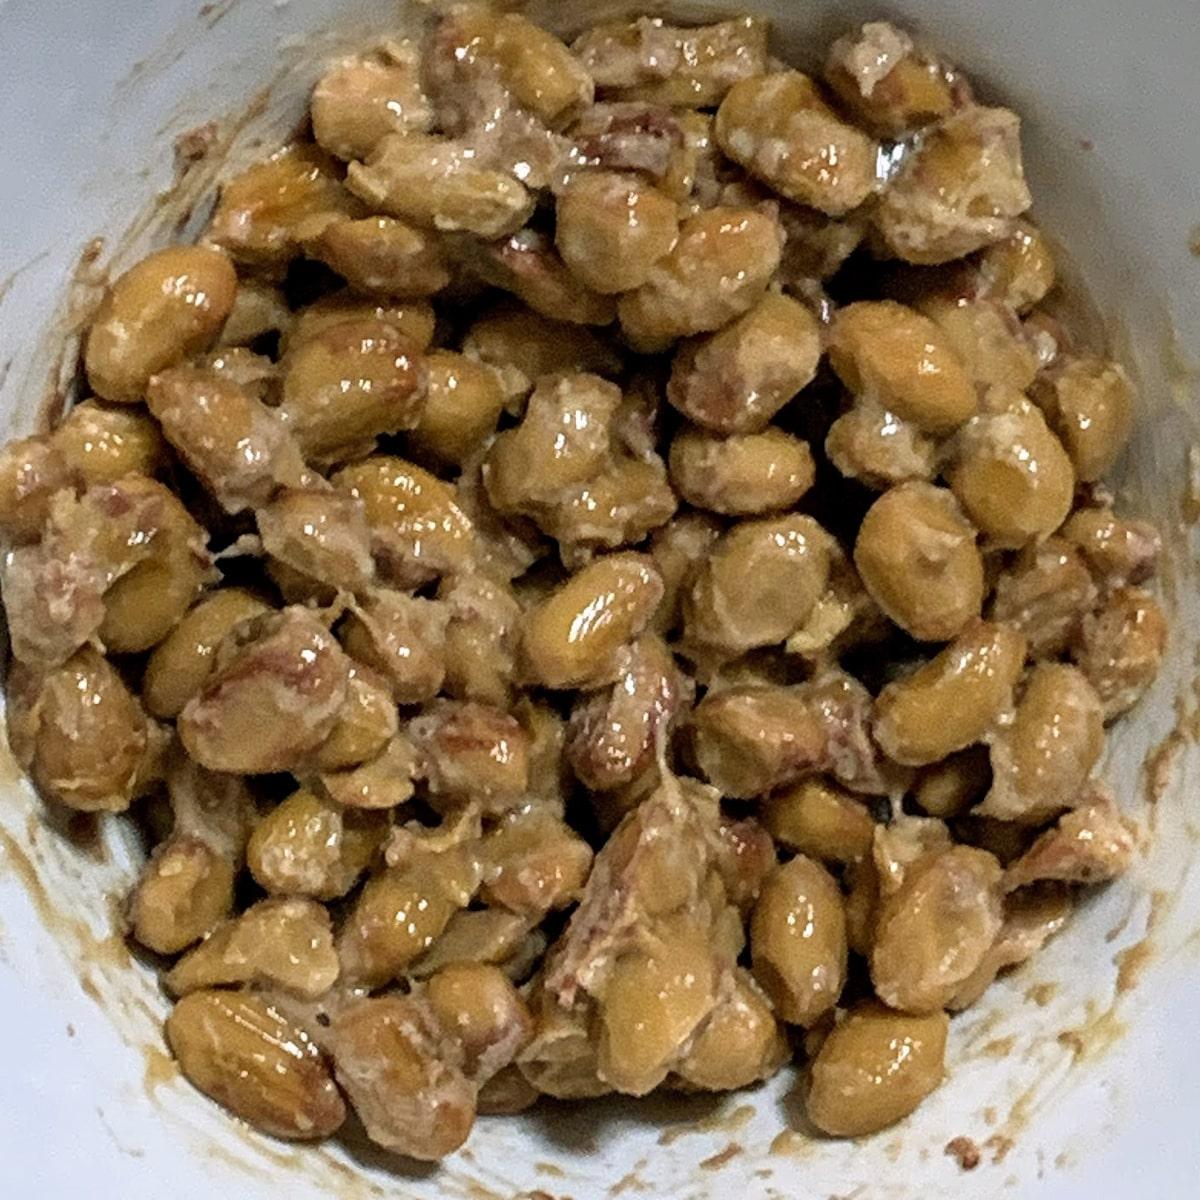 「なにわら納豆」の納豆の画像